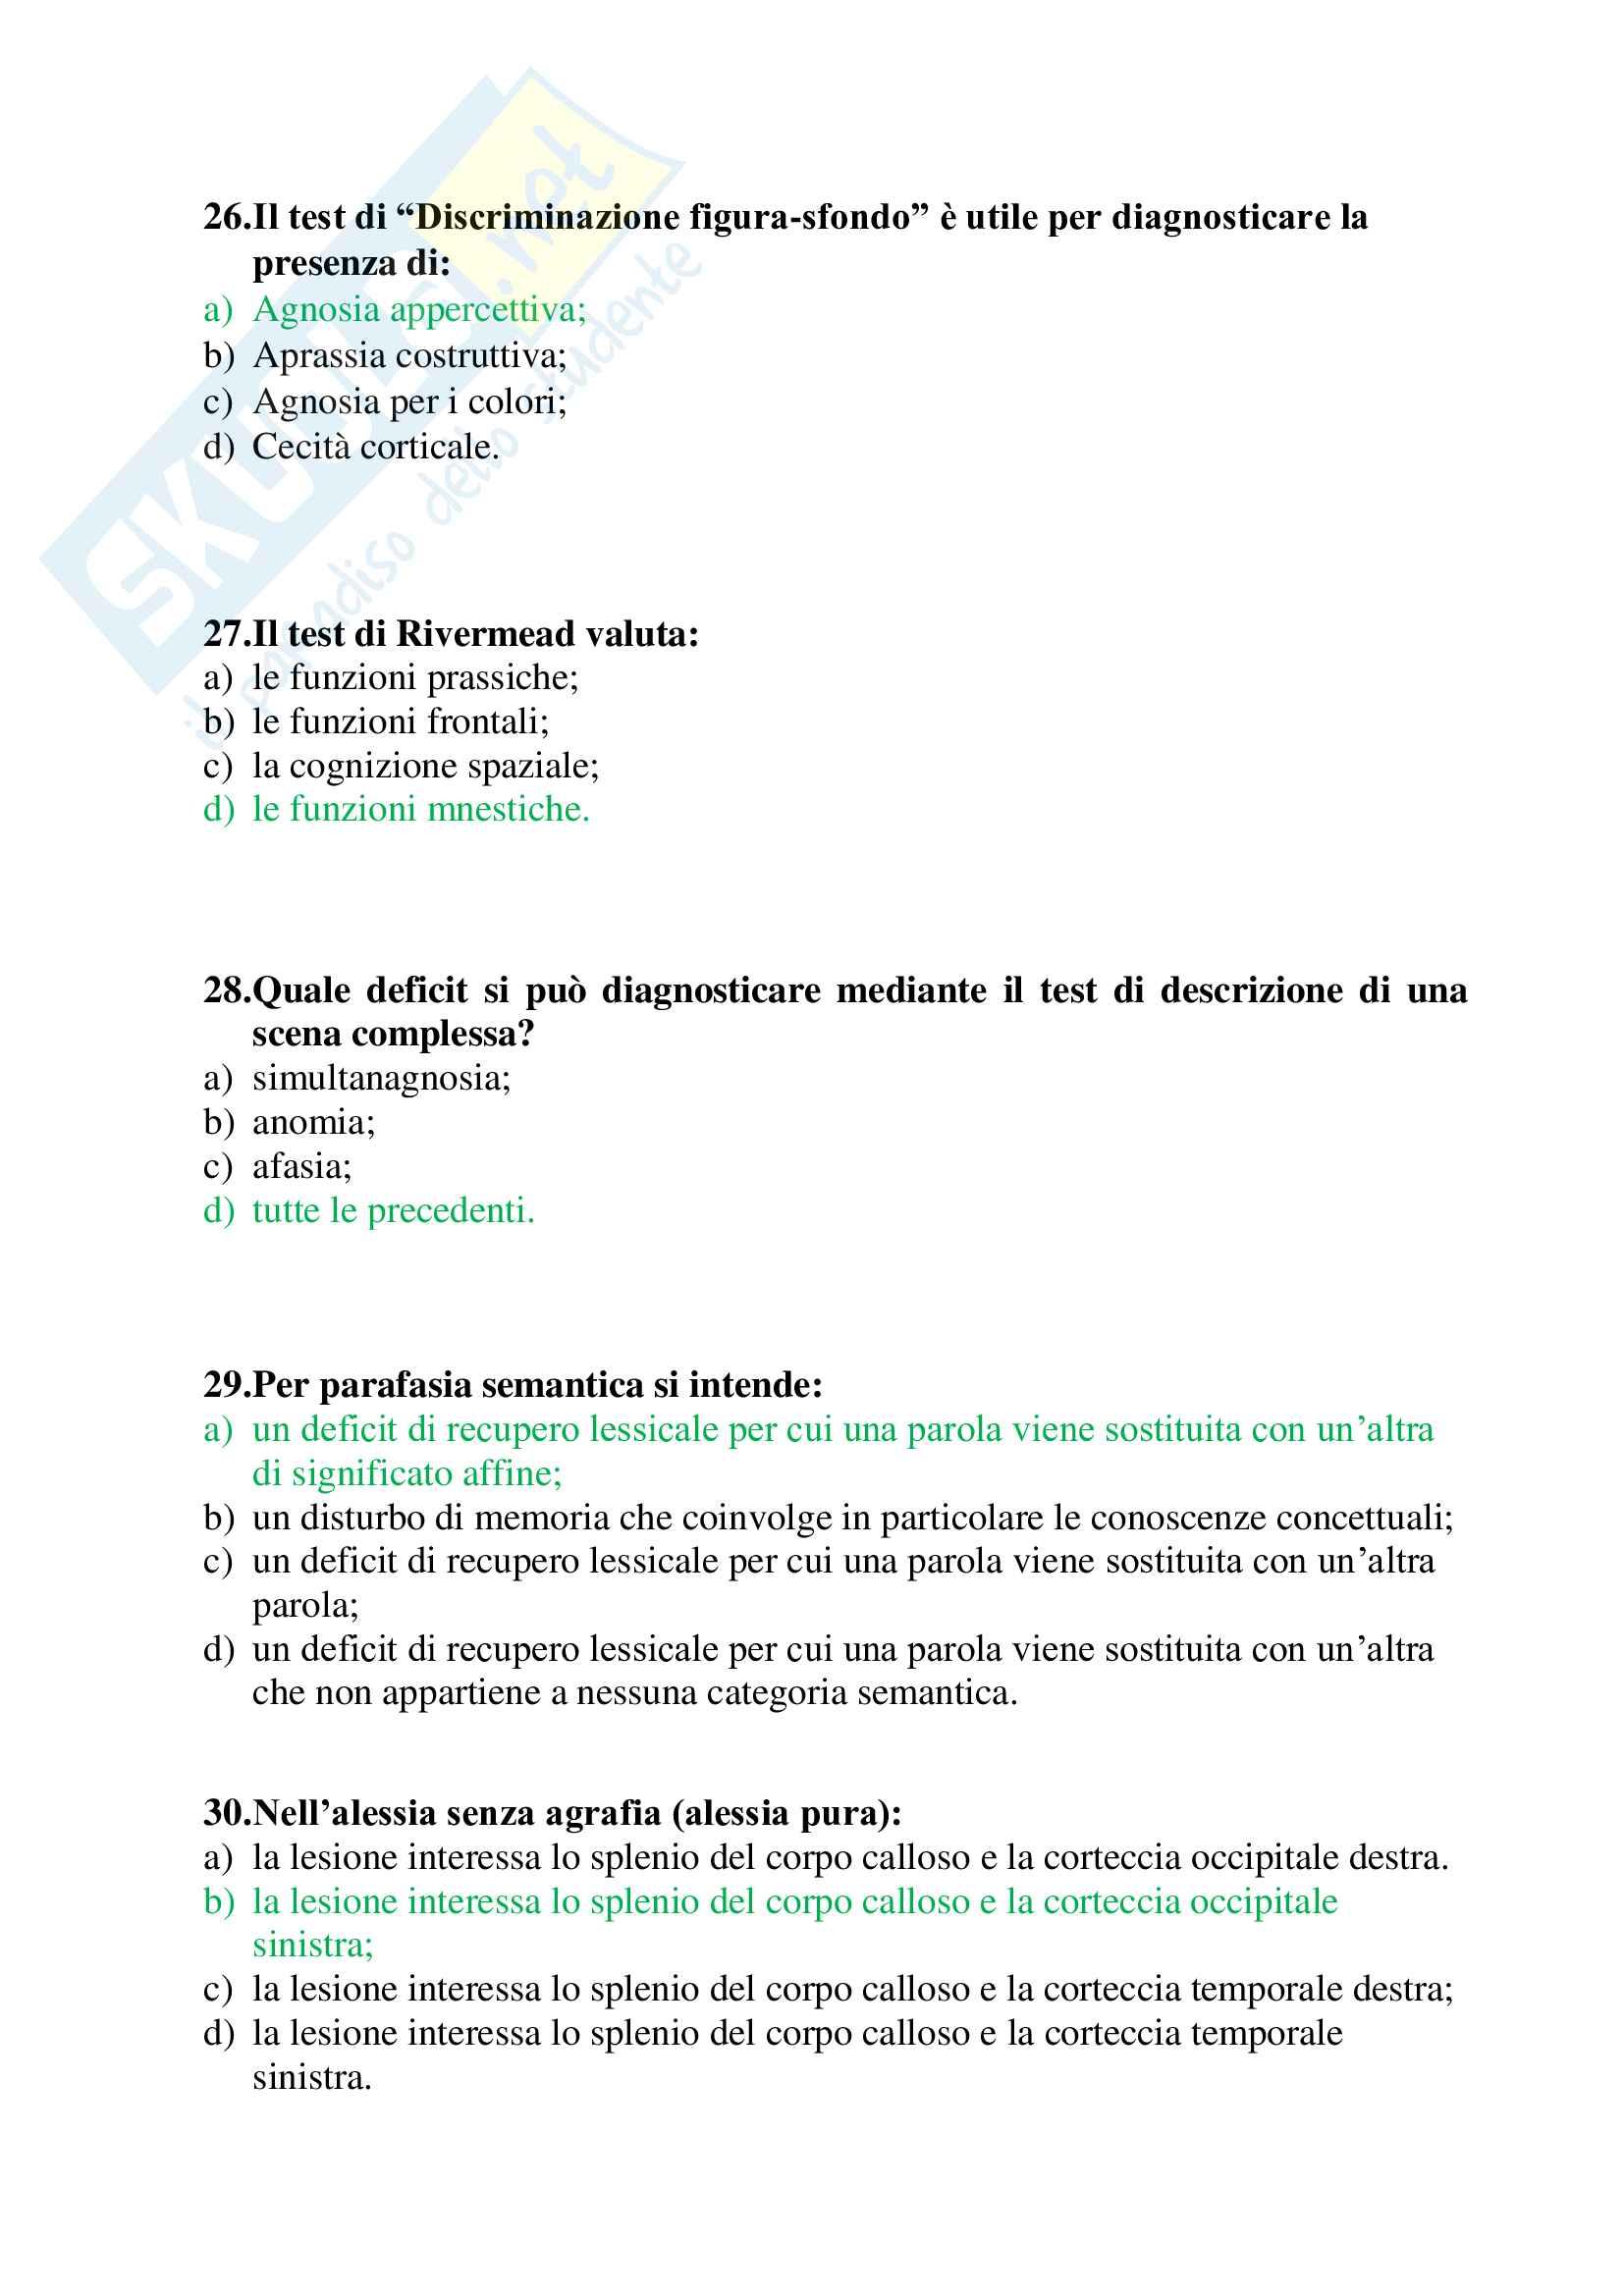 60 crocette per l'esame di Neuropsicologia dell'adulto e dell'anziano (Papagno, Vallar), ex Neuropsicologia - parte 1 (domande 1-60) Pag. 6